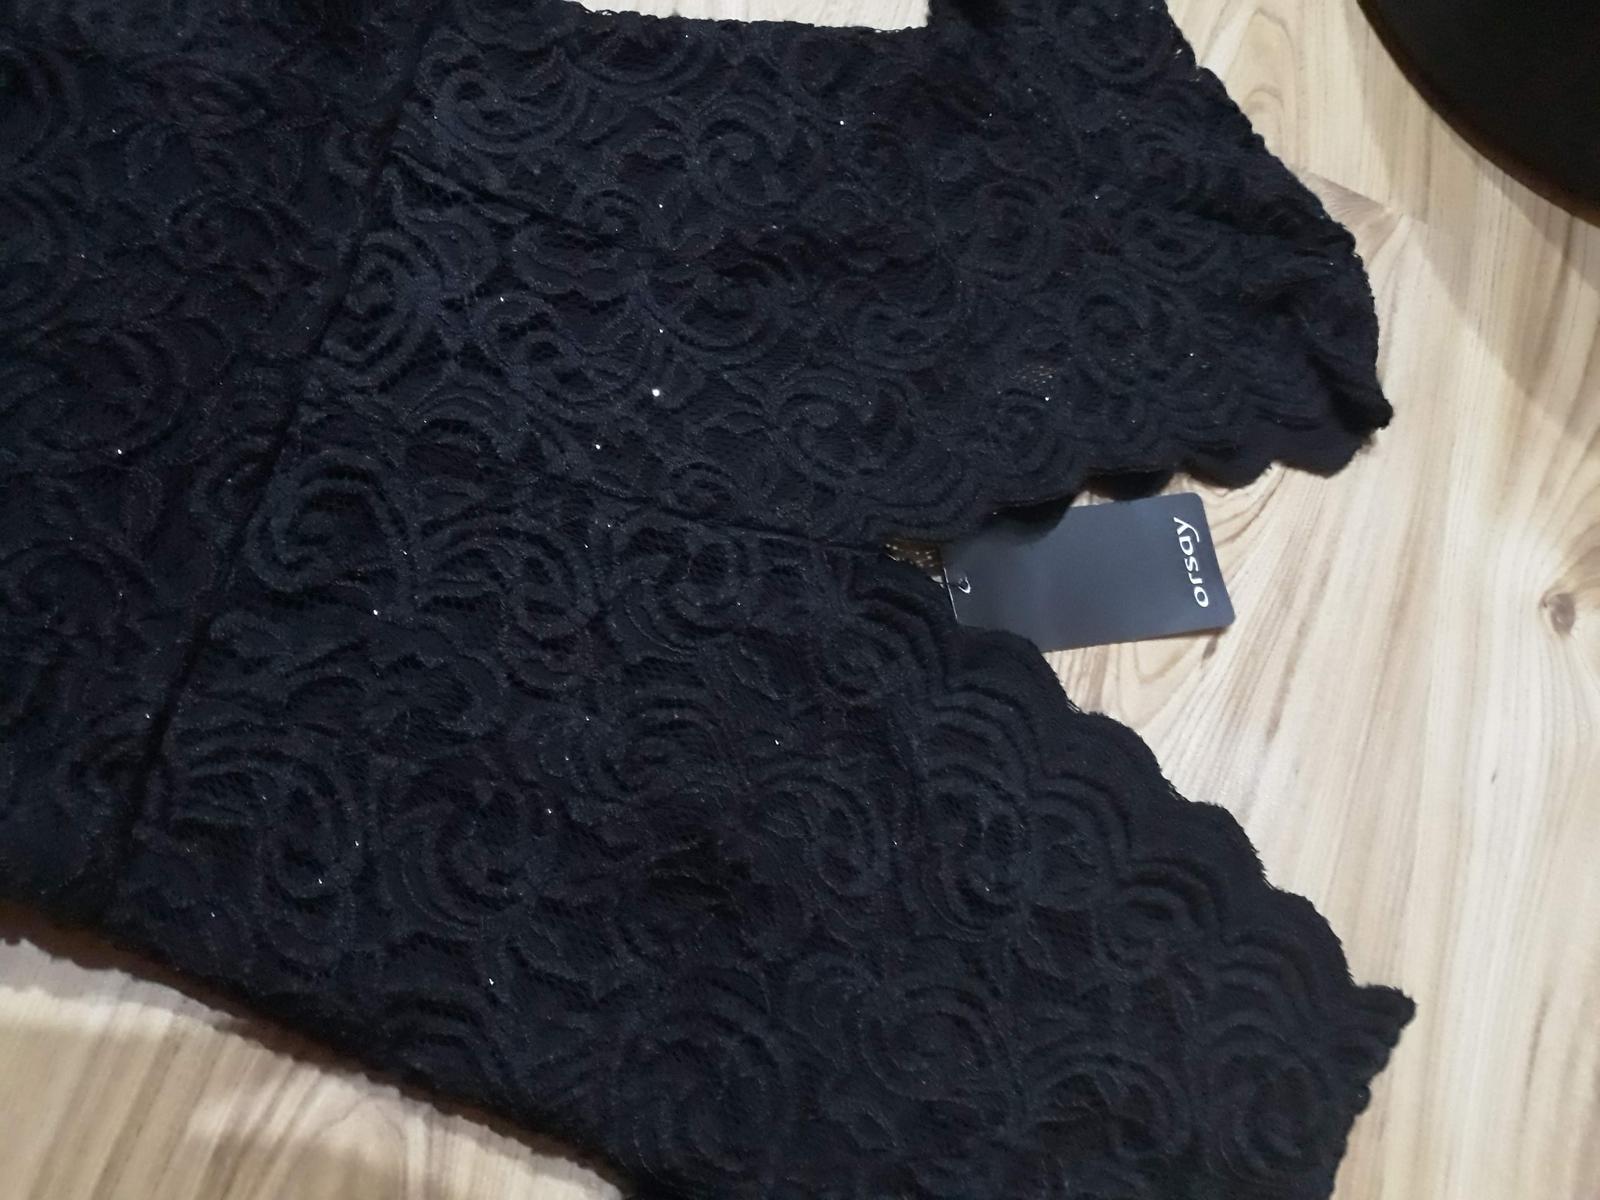 Dlhé čipkované šaty Orsay - Obrázok č. 2